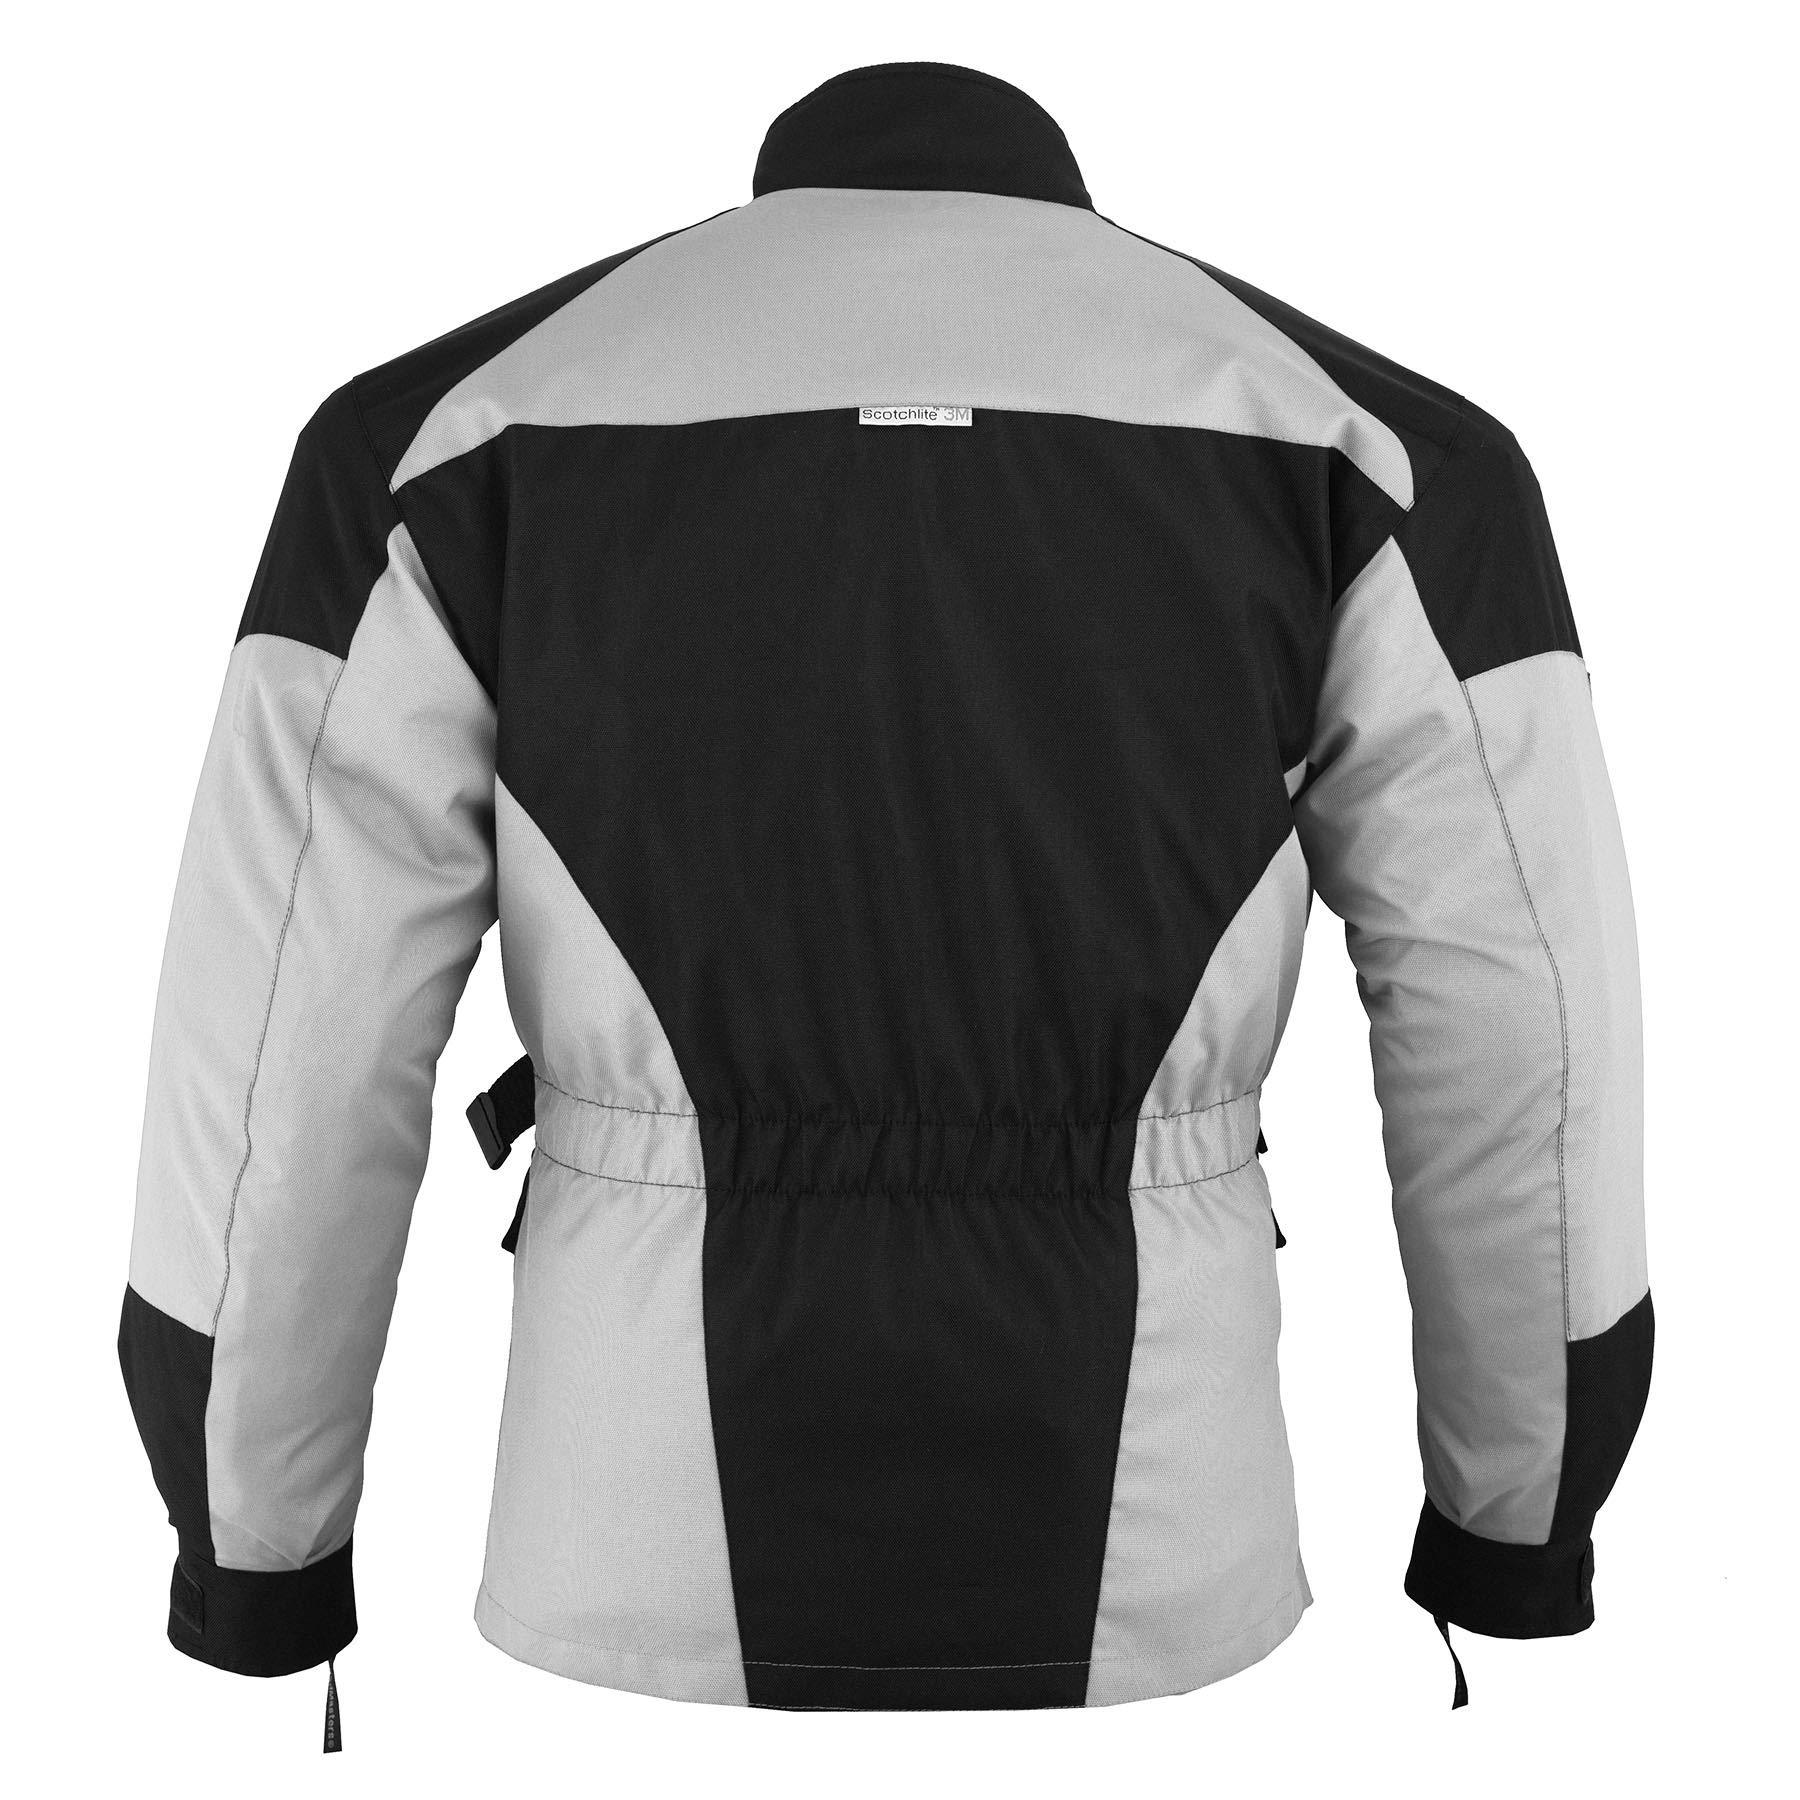 German Wear/ negro//gris /Pantalones de motorista Cordura Textiles Pantal/ón de Motorista Combi Pantal/ón